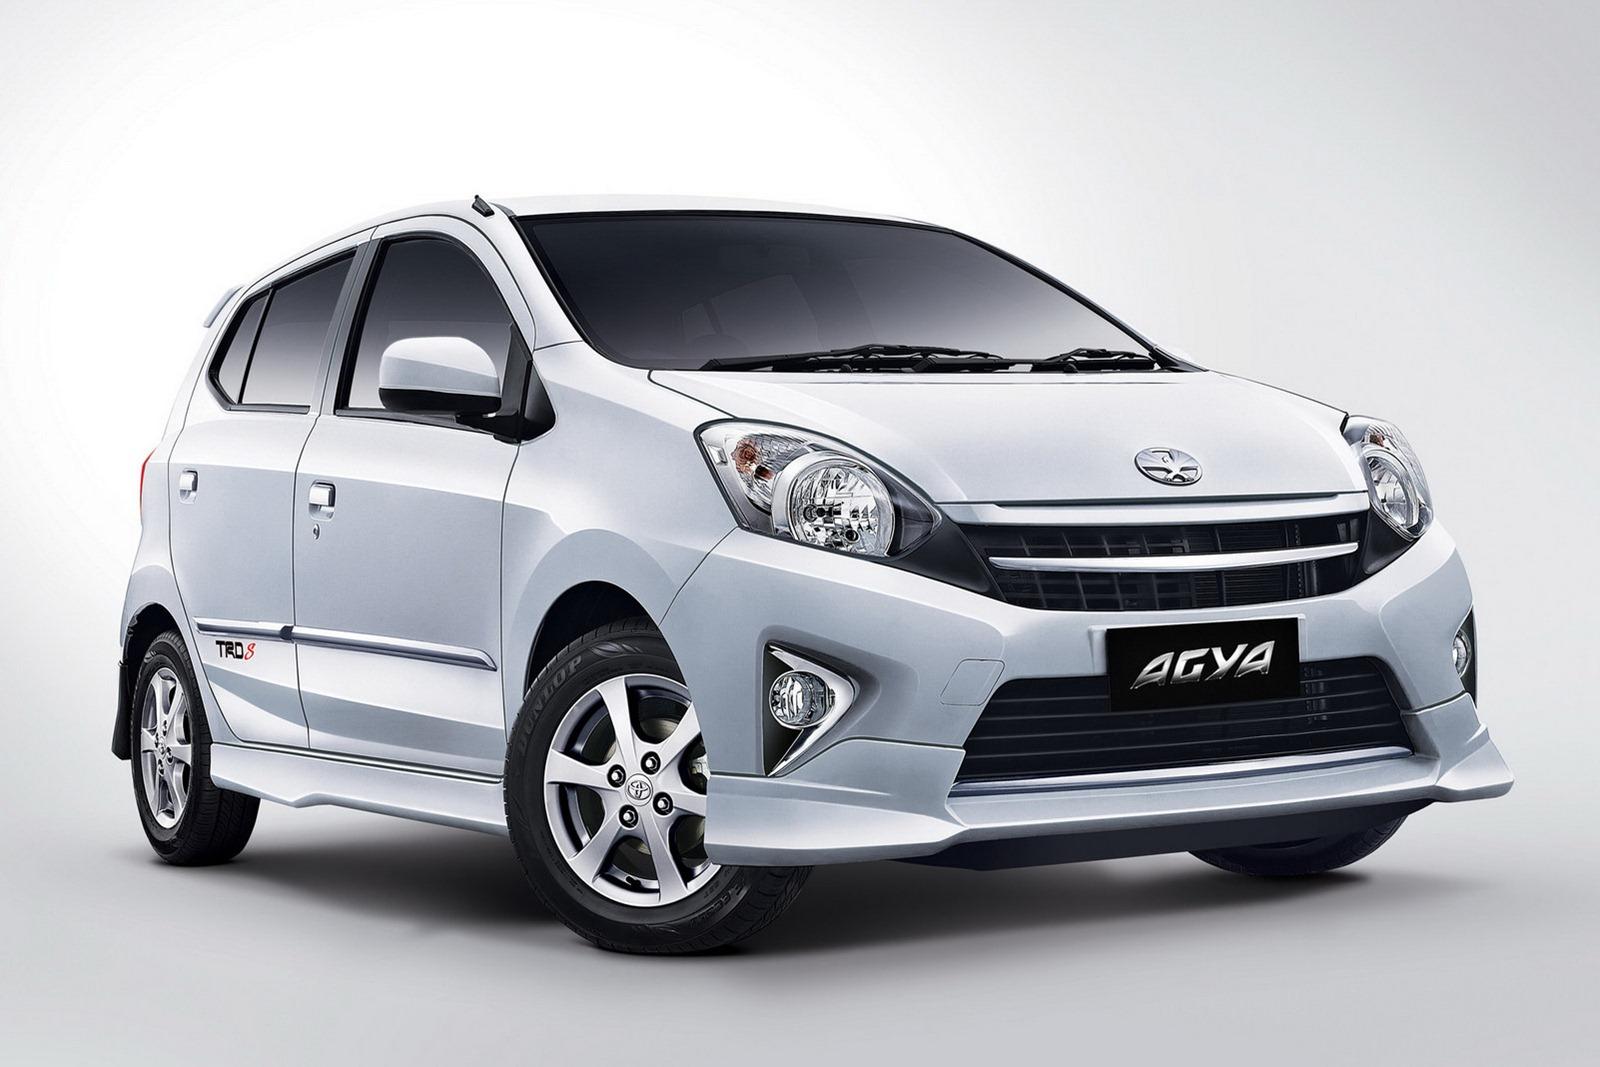 Spesifikasi Toyota Agia dan Daihatsu Ayla  gerobak tanah tua